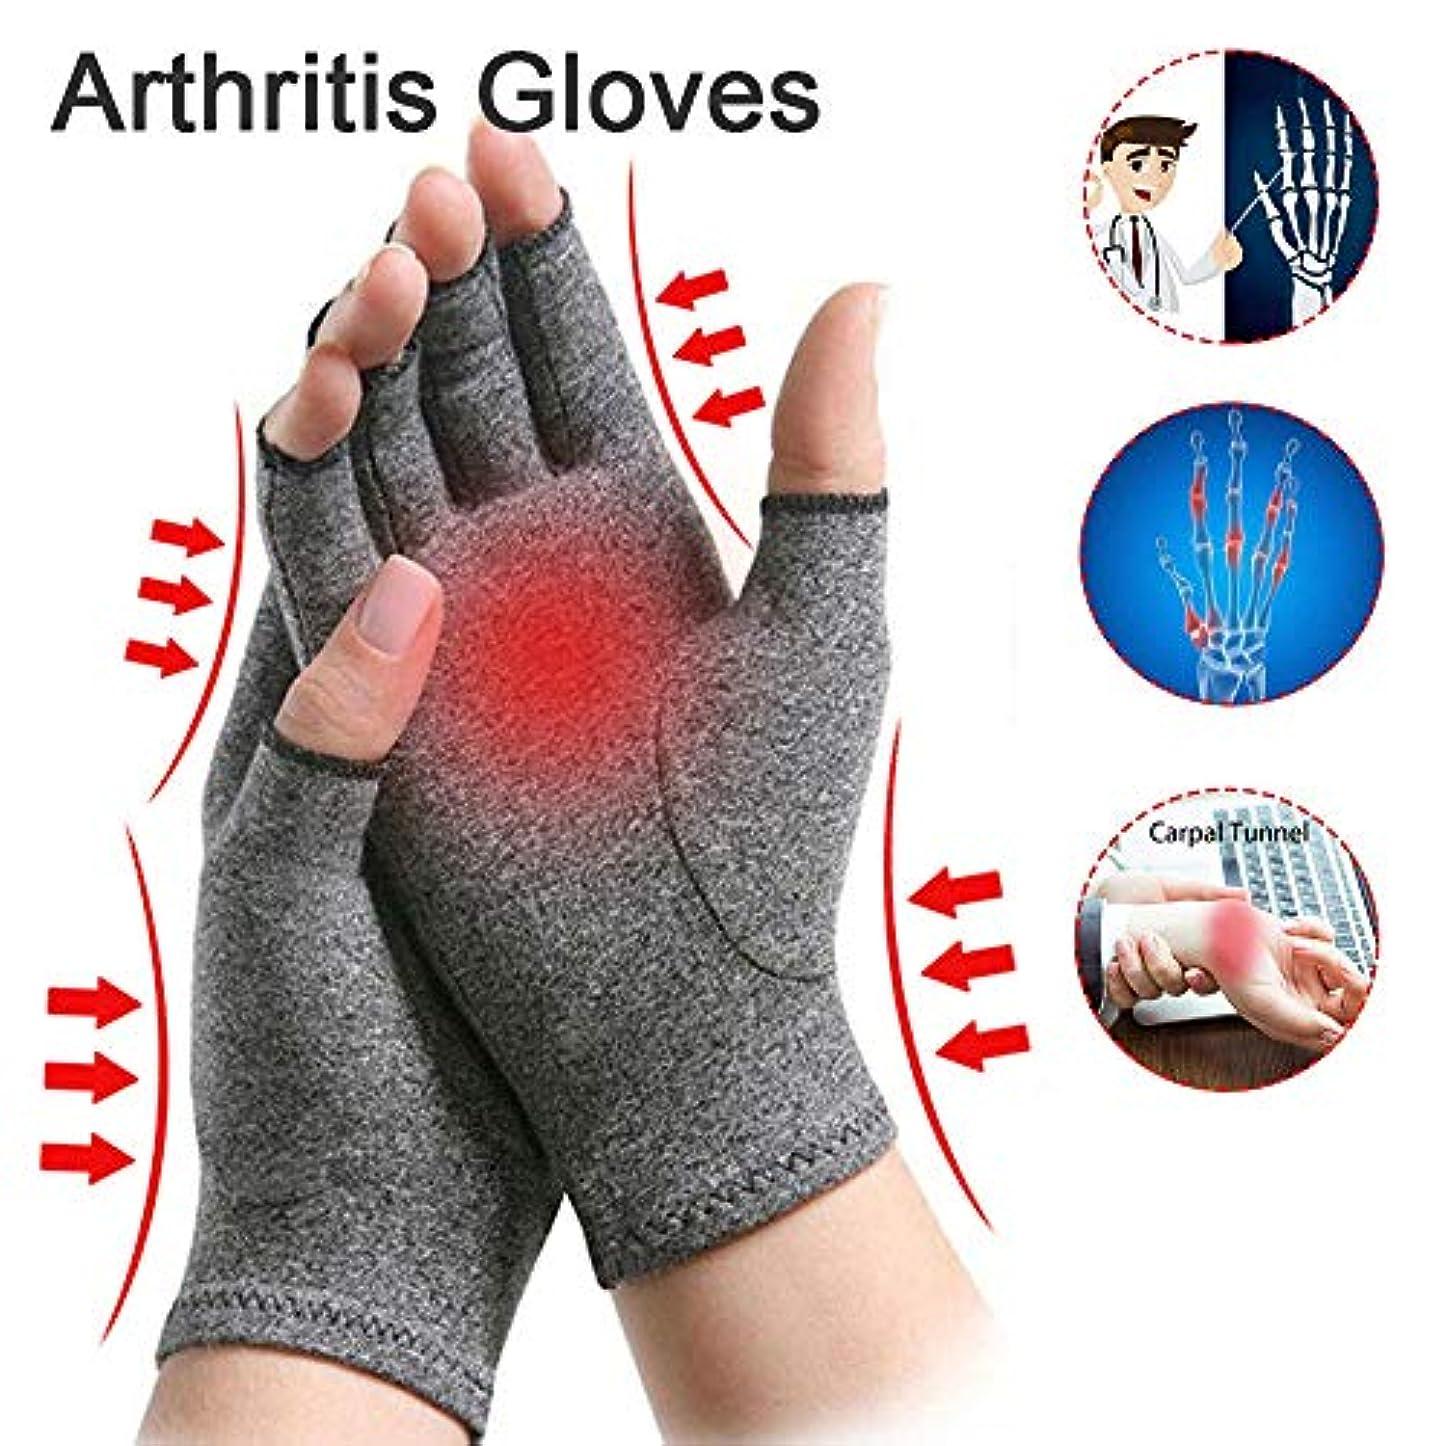 フェザー孤独な熱意圧縮関節炎グローブ手関節炎の痛みを軽減するために入力して、毎日の作業支援のための圧縮関節炎手袋、プレミアムの圧縮&指なし手袋